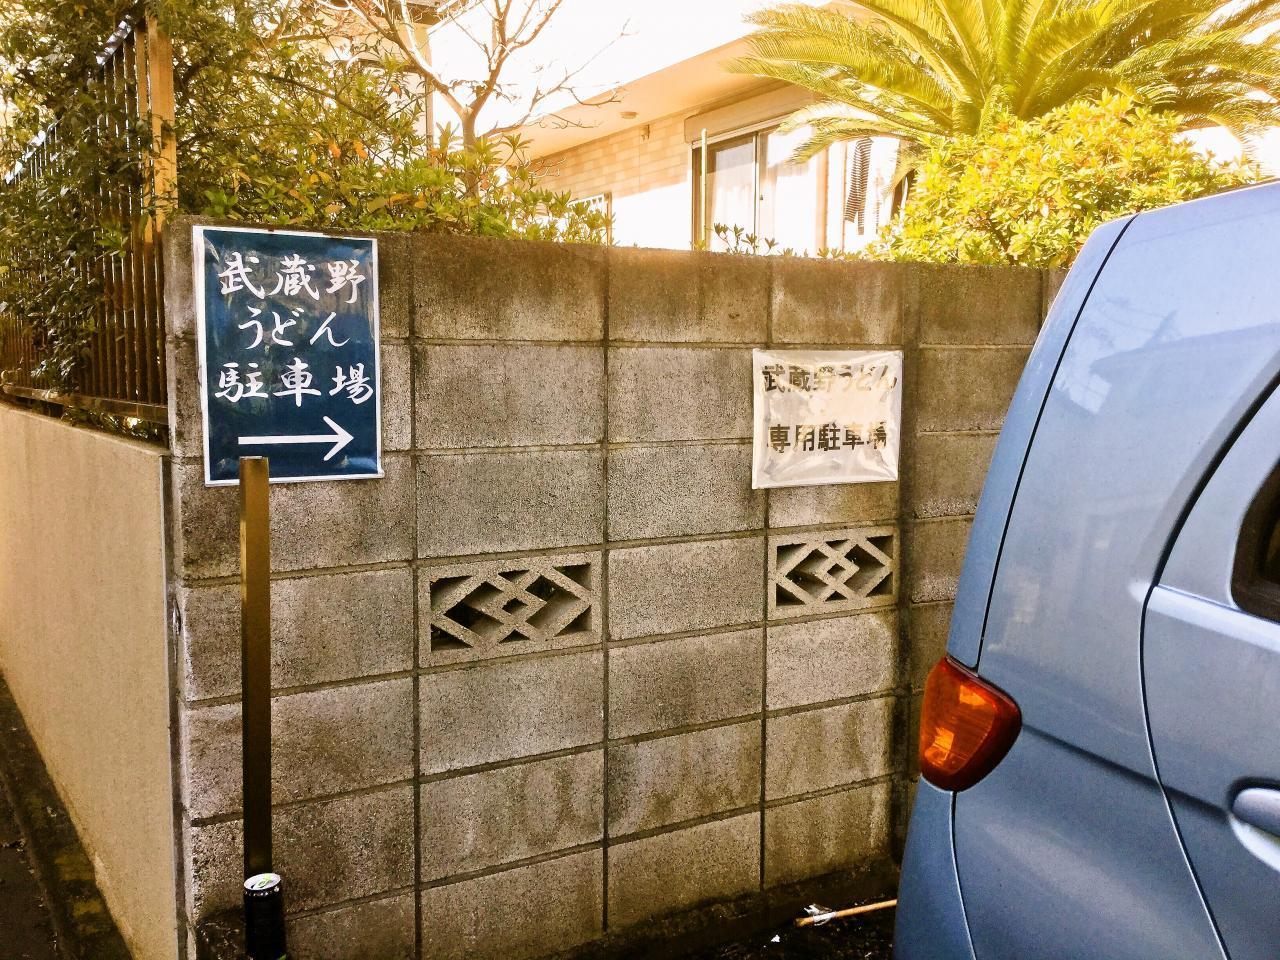 武蔵野うどん 一彩 本店(駐車場)